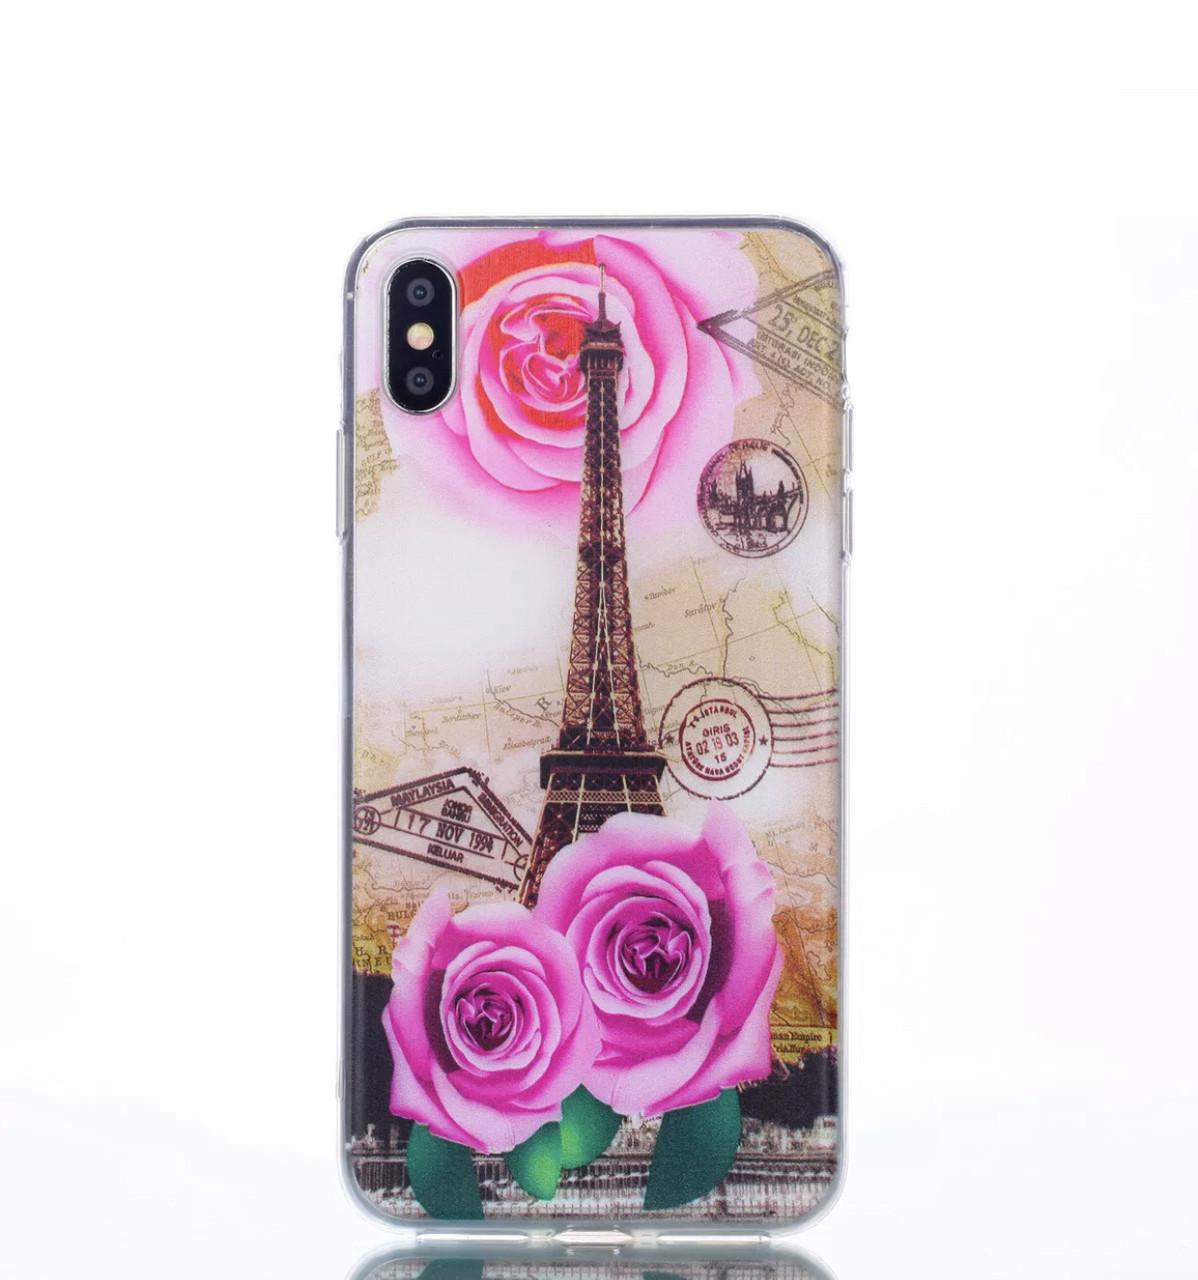 чехол IPhone X/Iphone XR Силиконовый  Paris